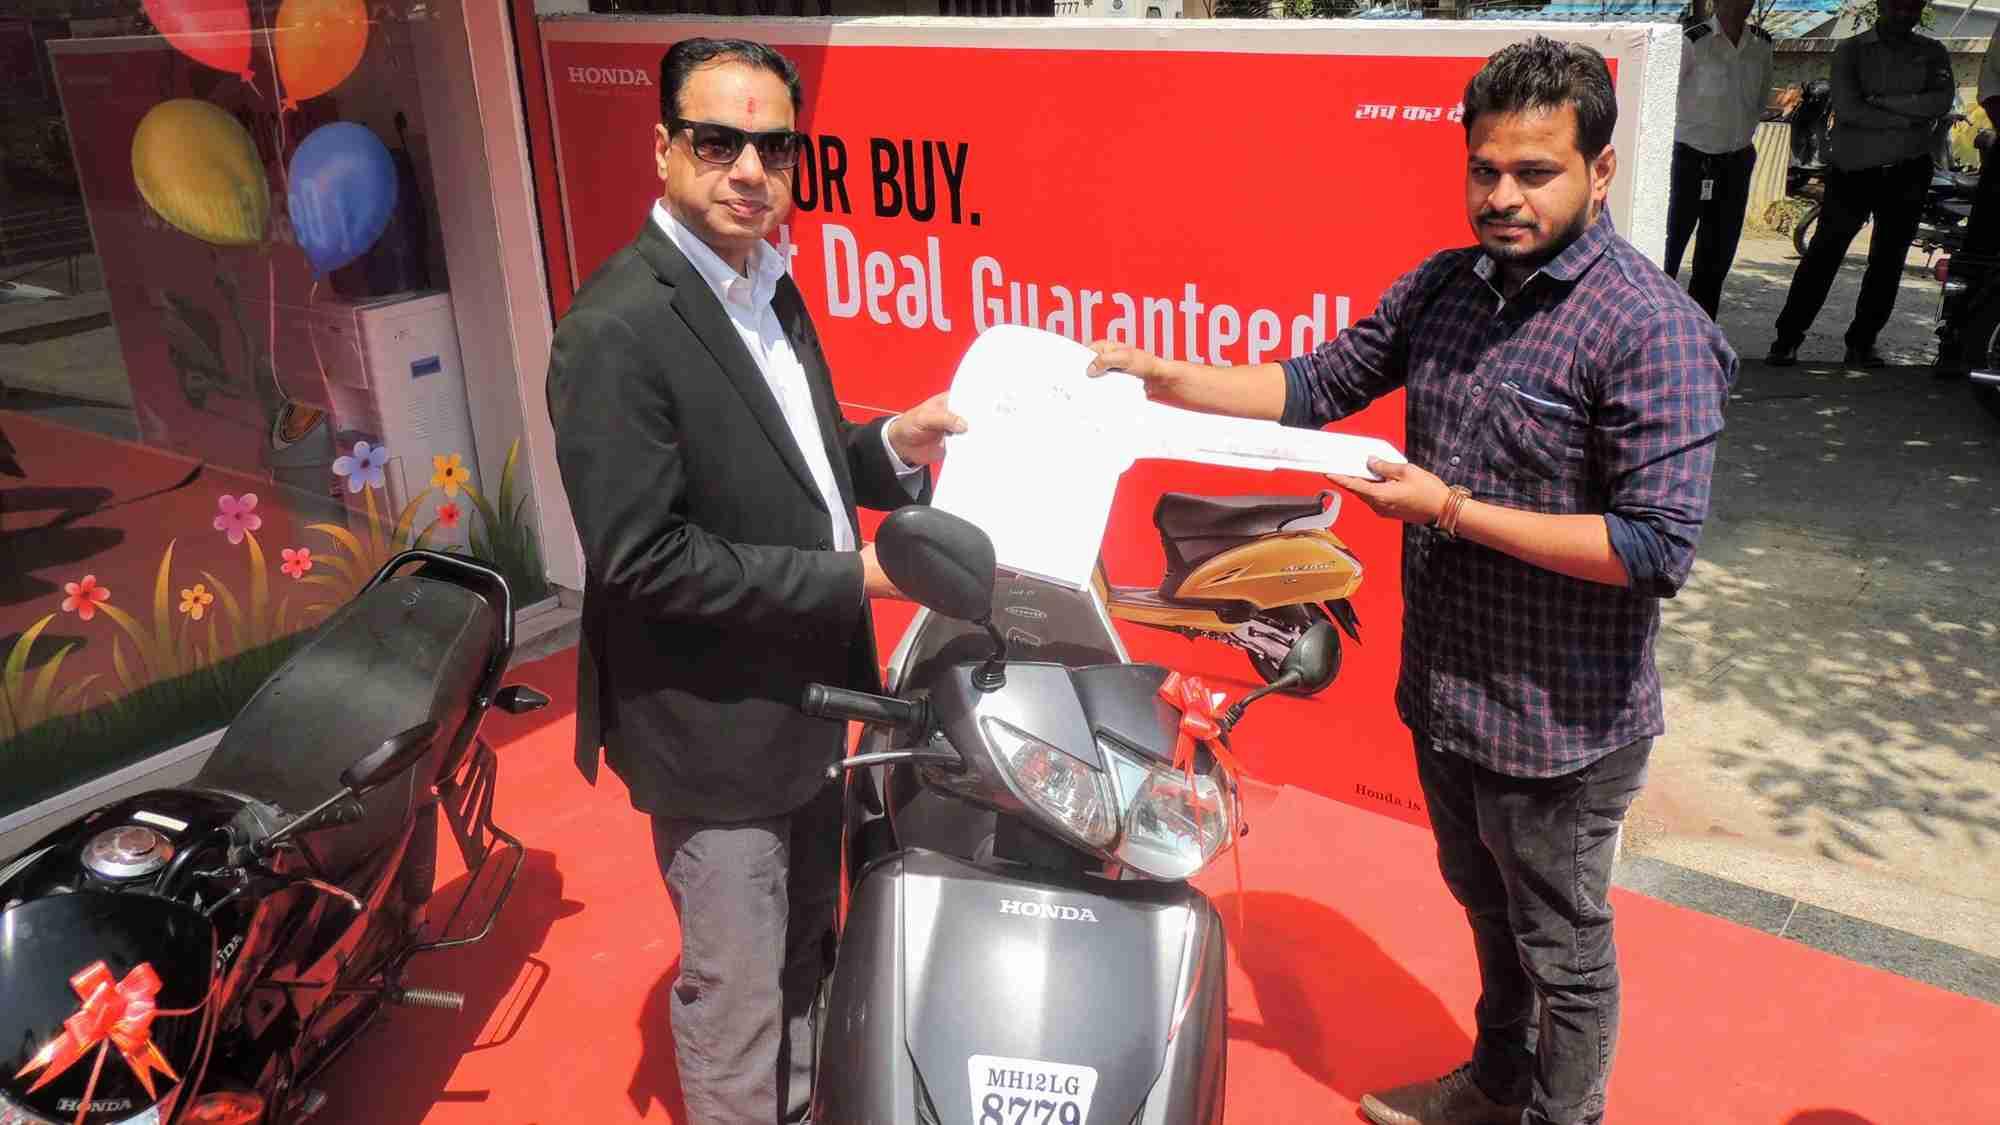 Mr Yadvinder Singh Guleria Honda now has 200 Best Deal outlets